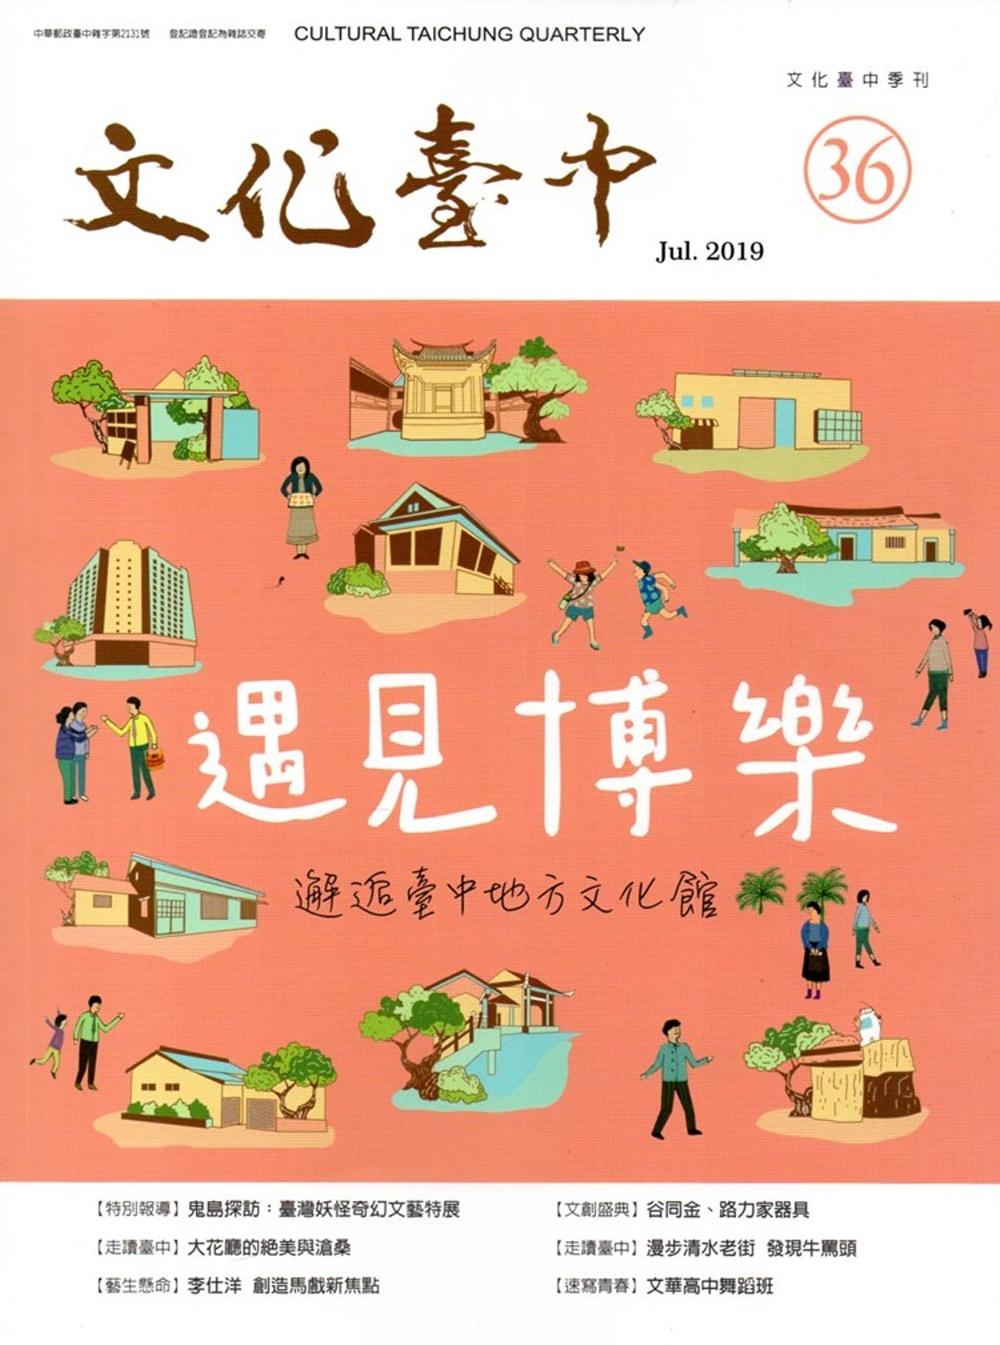 文化臺中季刊36期(2019.07)